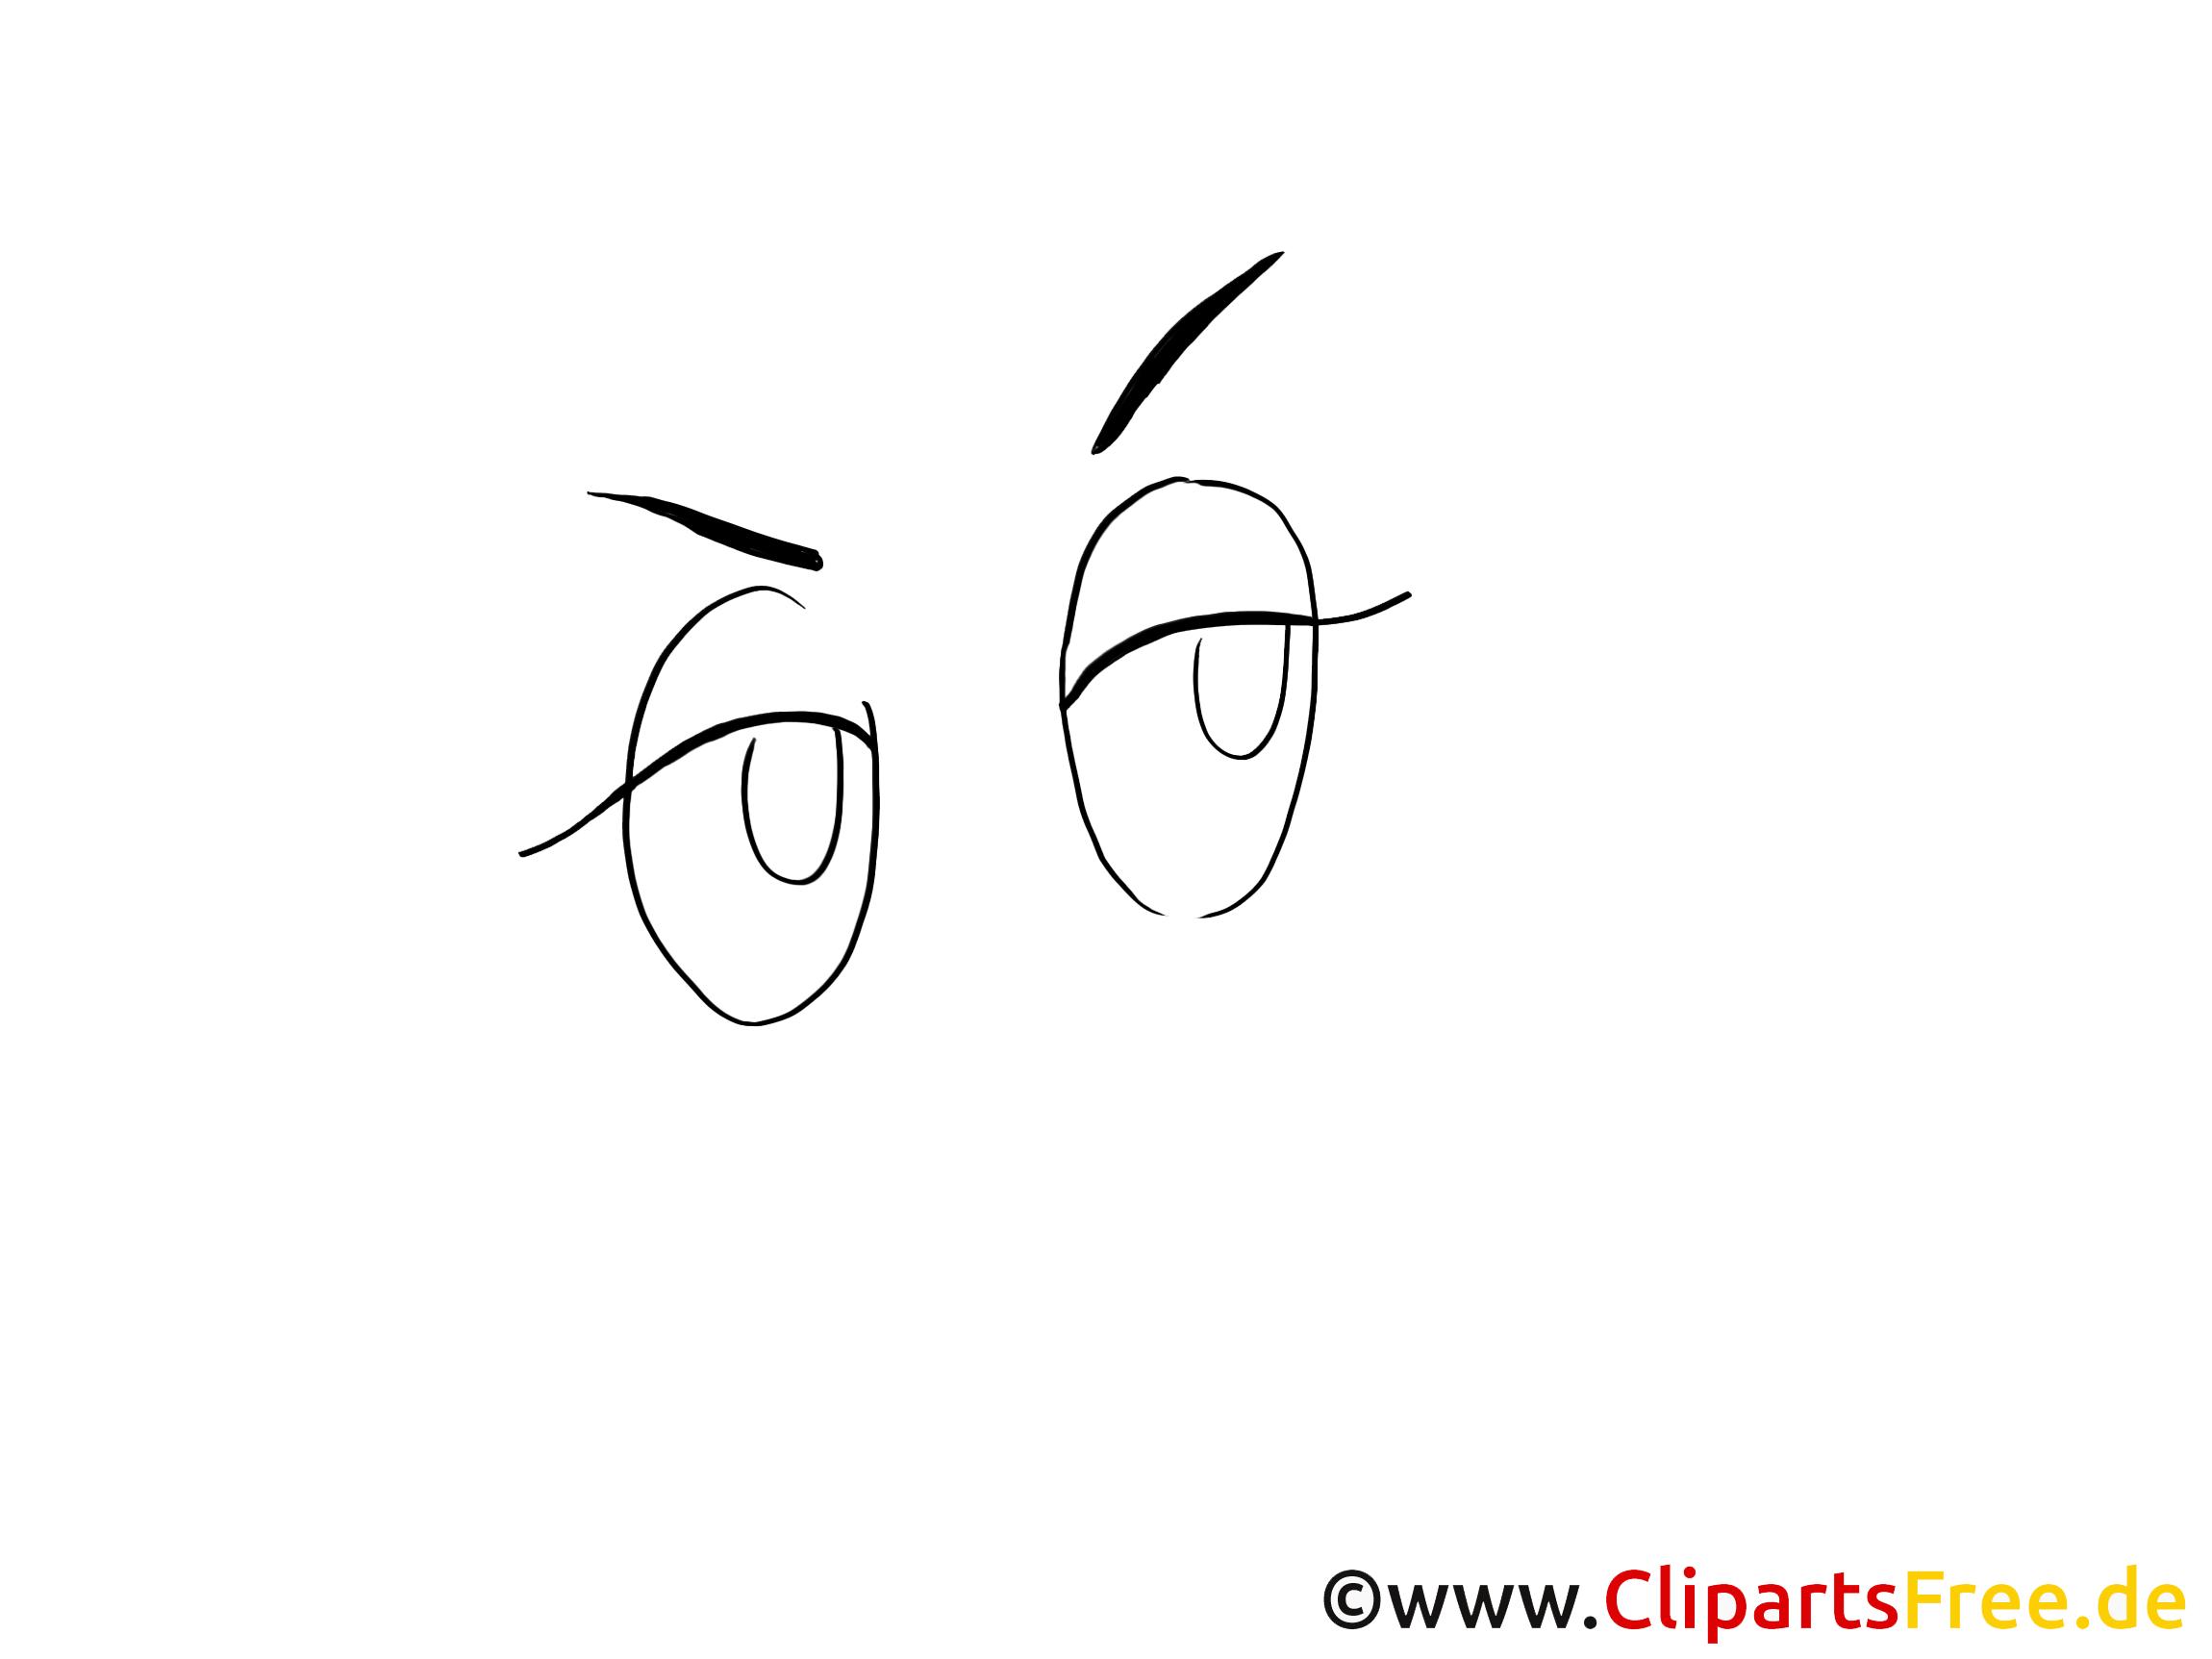 Cartoonzeichnung